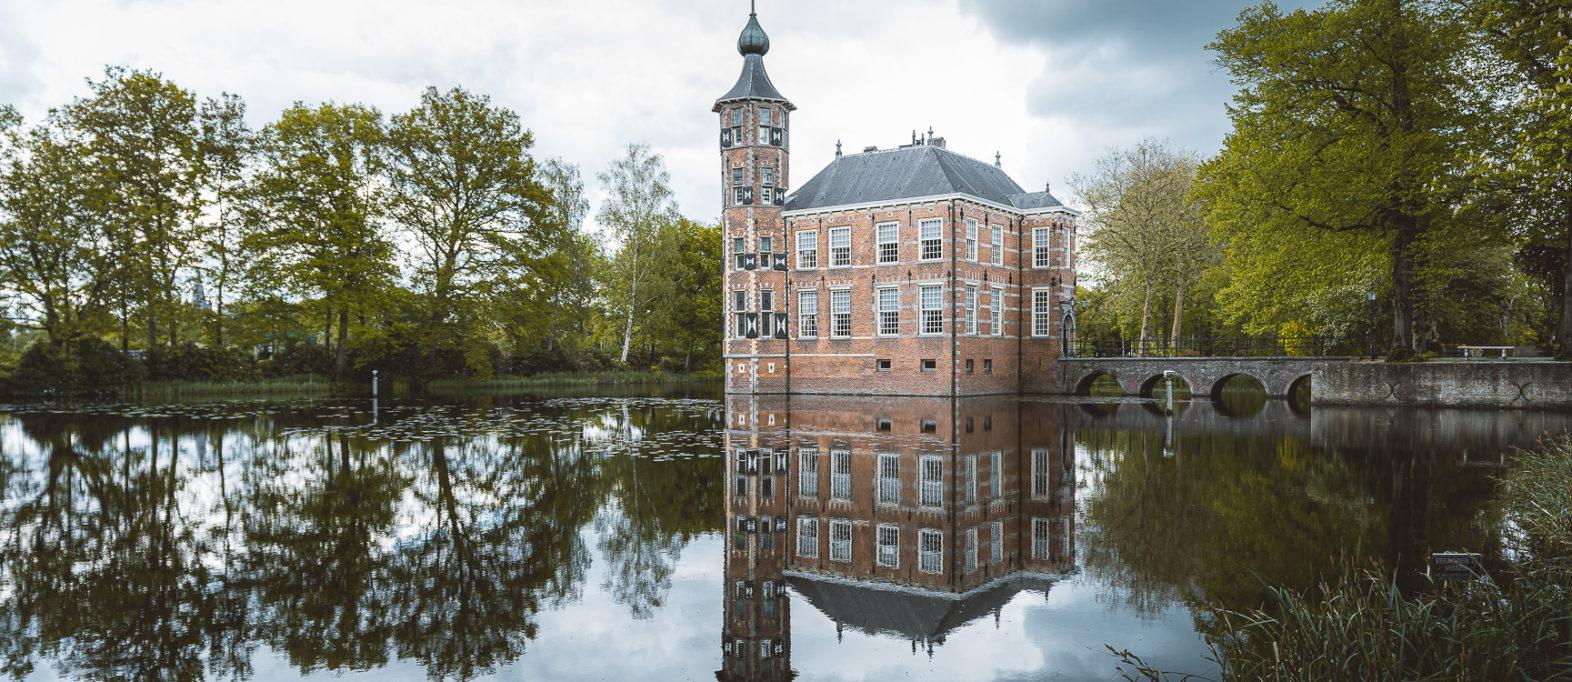 Sehenswürdigkeiten Nordbrabant Breda Schloss Bouvigne